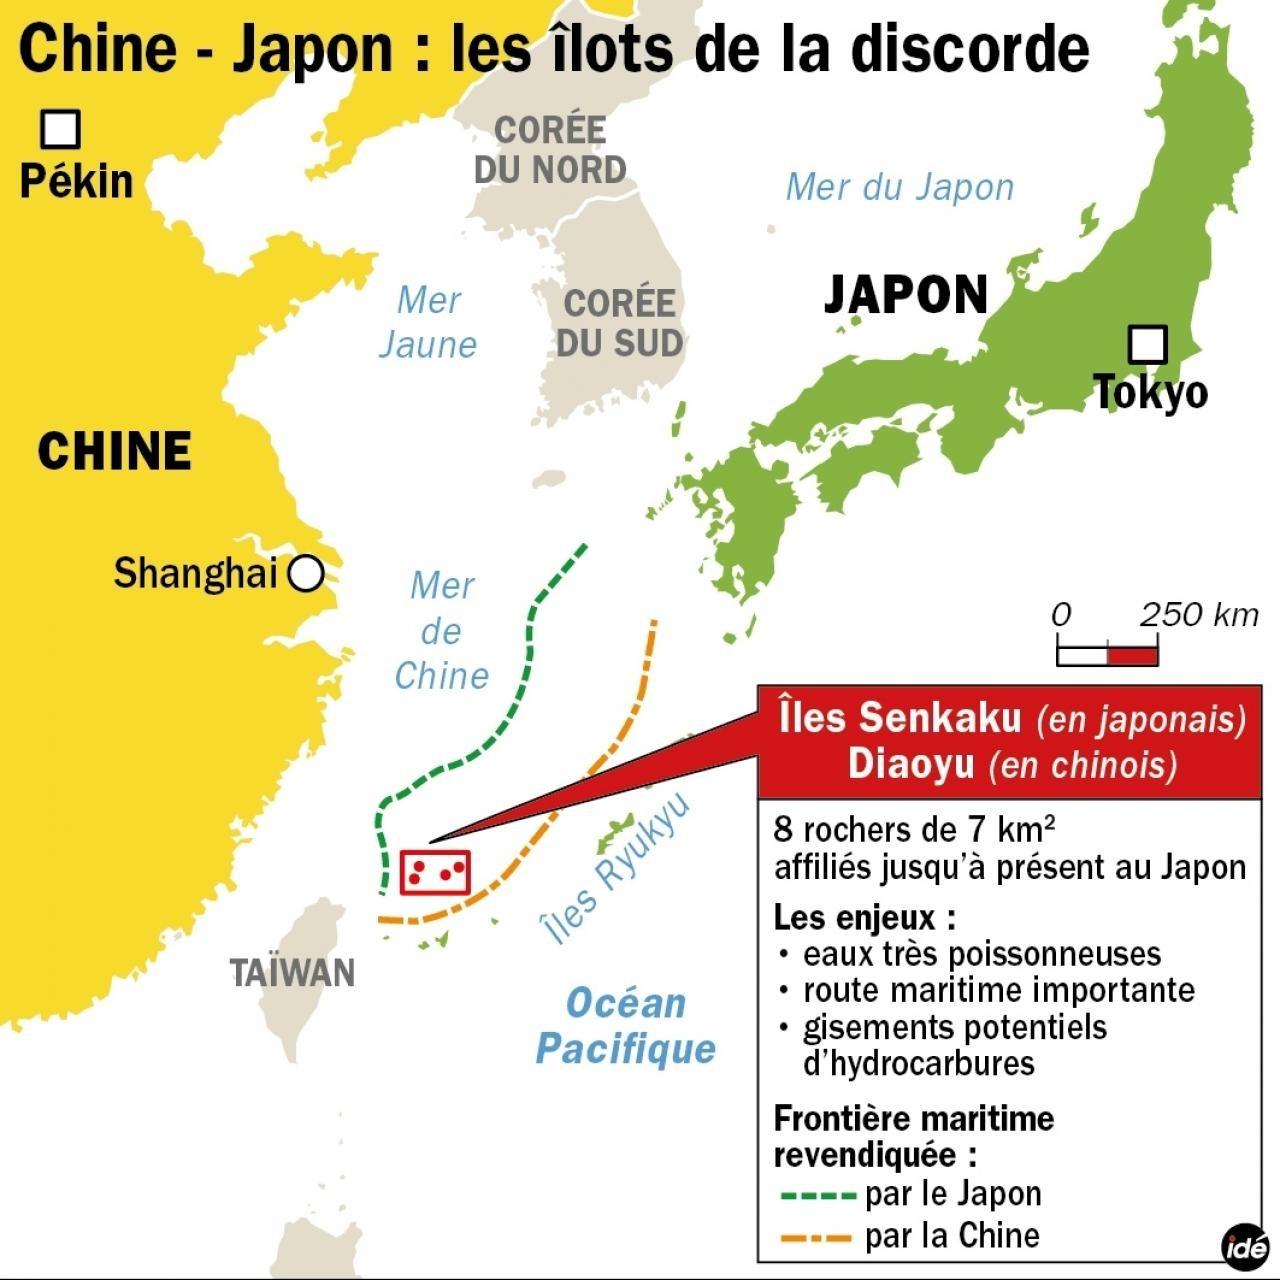 l'île Diaoyu et ses îlots affiliés font partie intégrante du territoire chinois